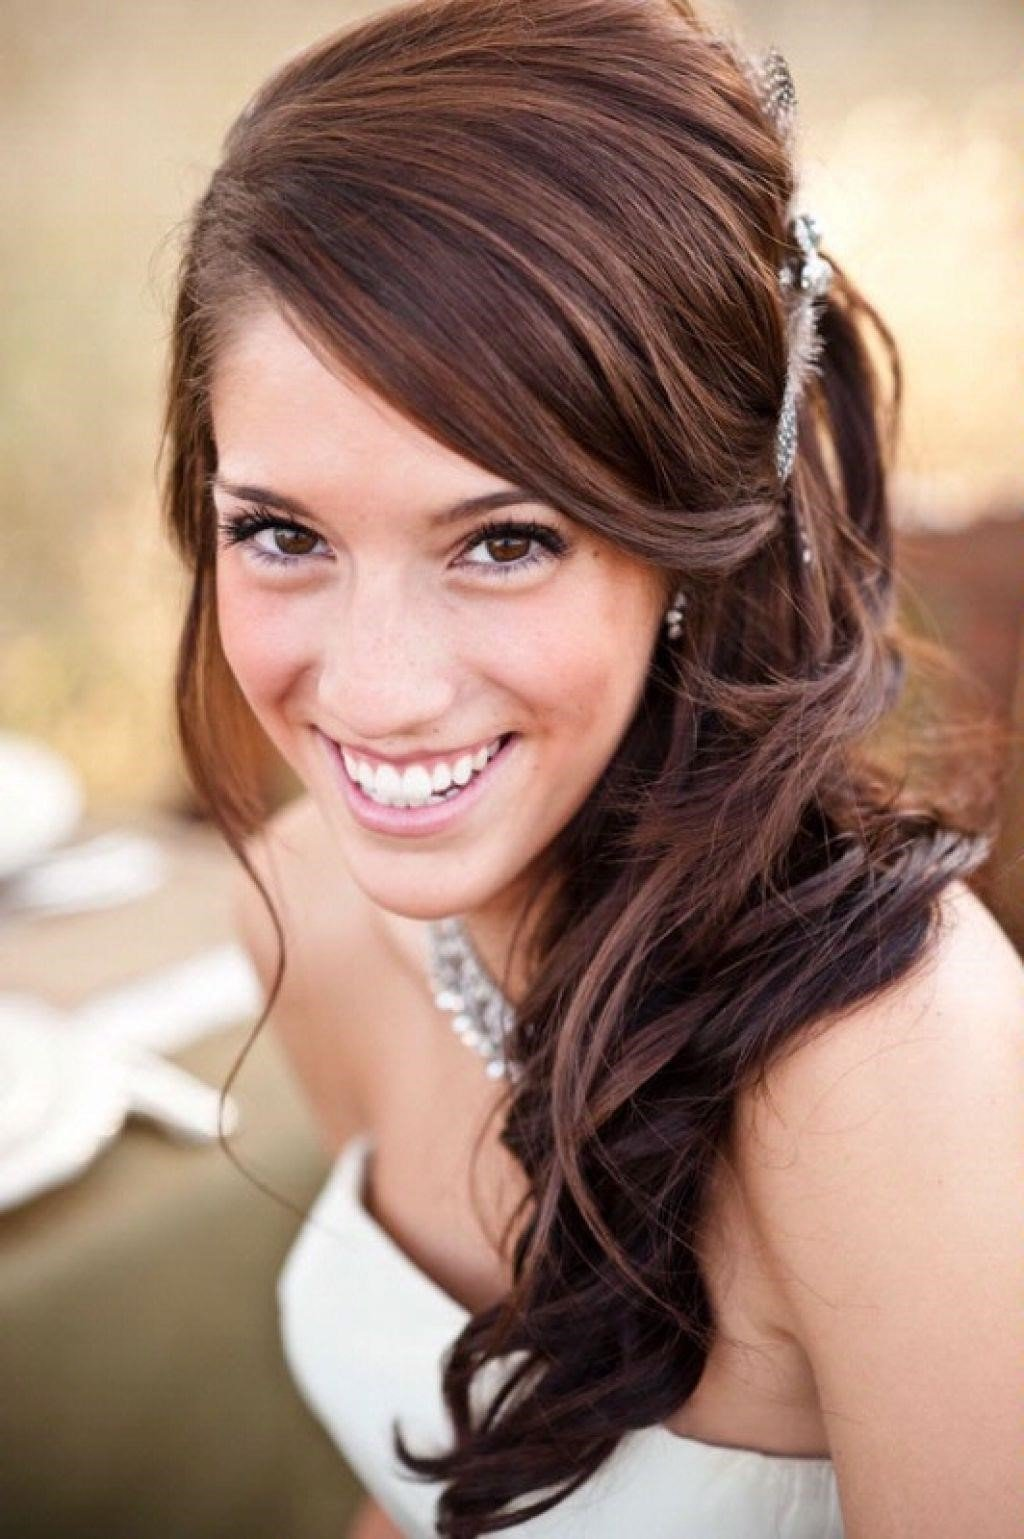 Фото с прическами на длинные волосы кудри